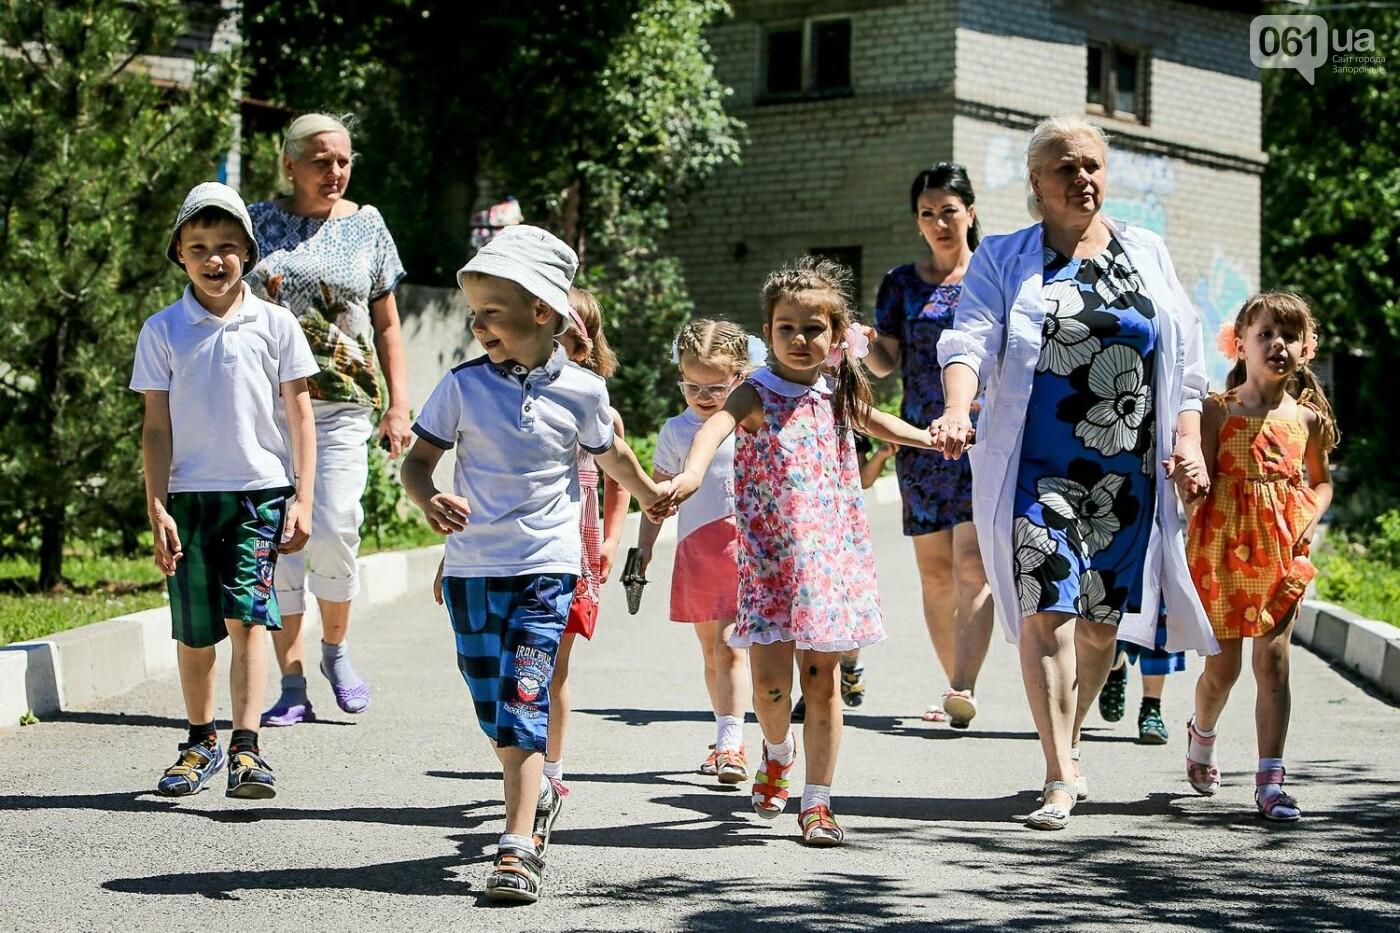 """О чем мечтают дети - фоторепортаж из дома ребенка """"Солнышко"""", фото-4"""